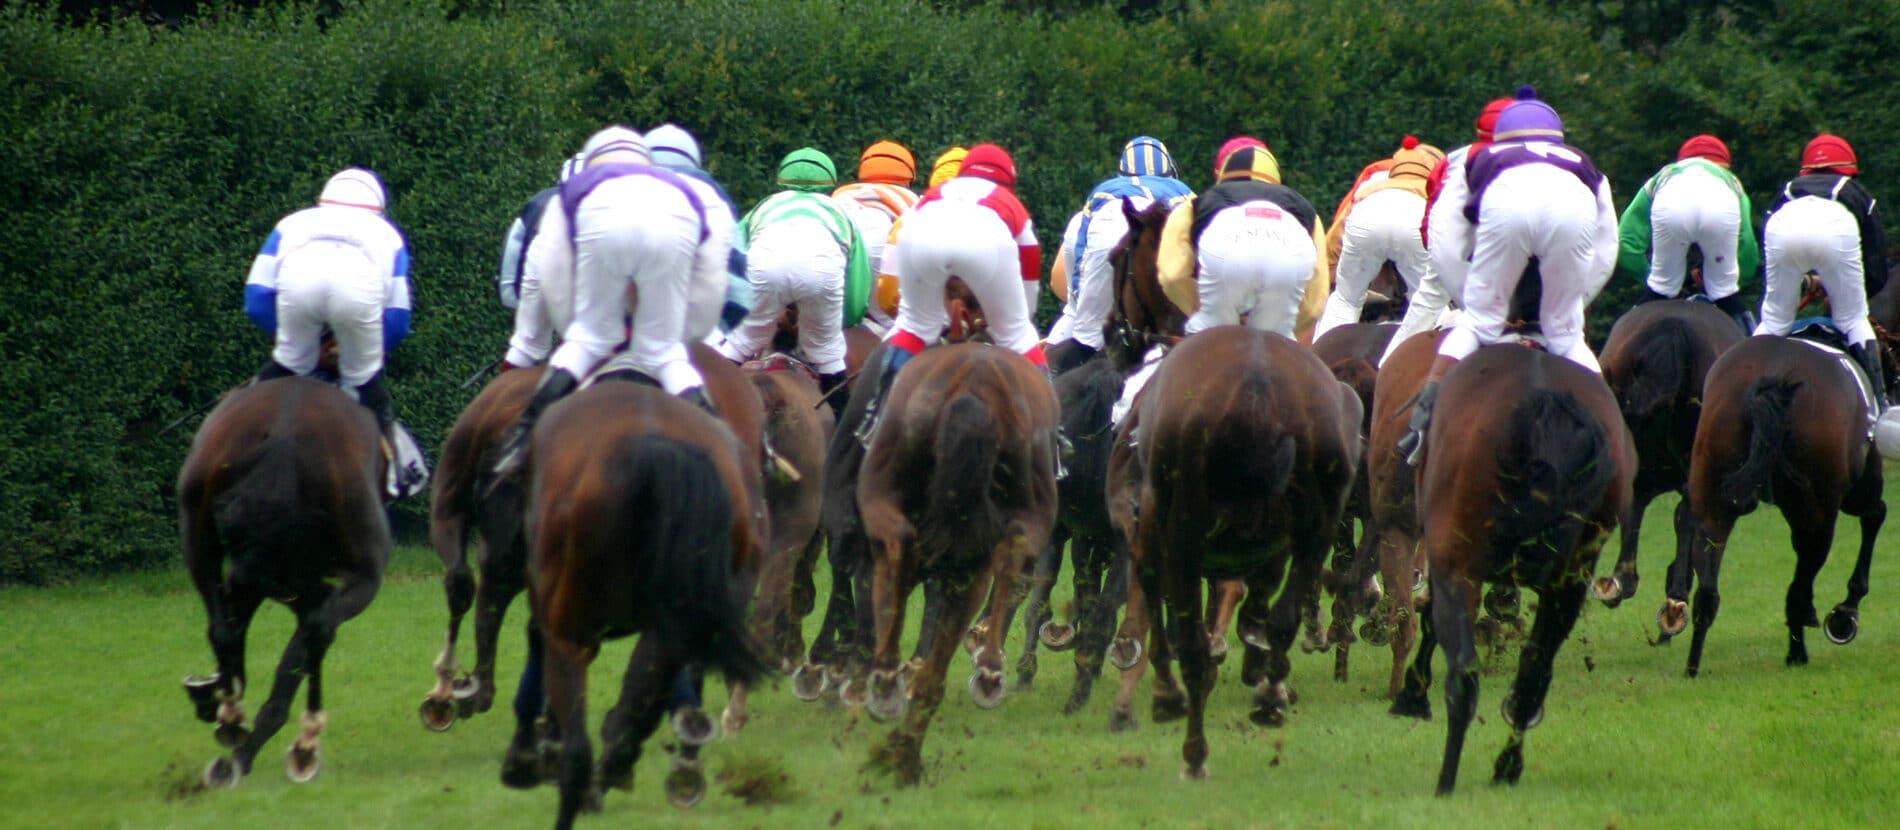 Jockey sur leurs chevaux au galop